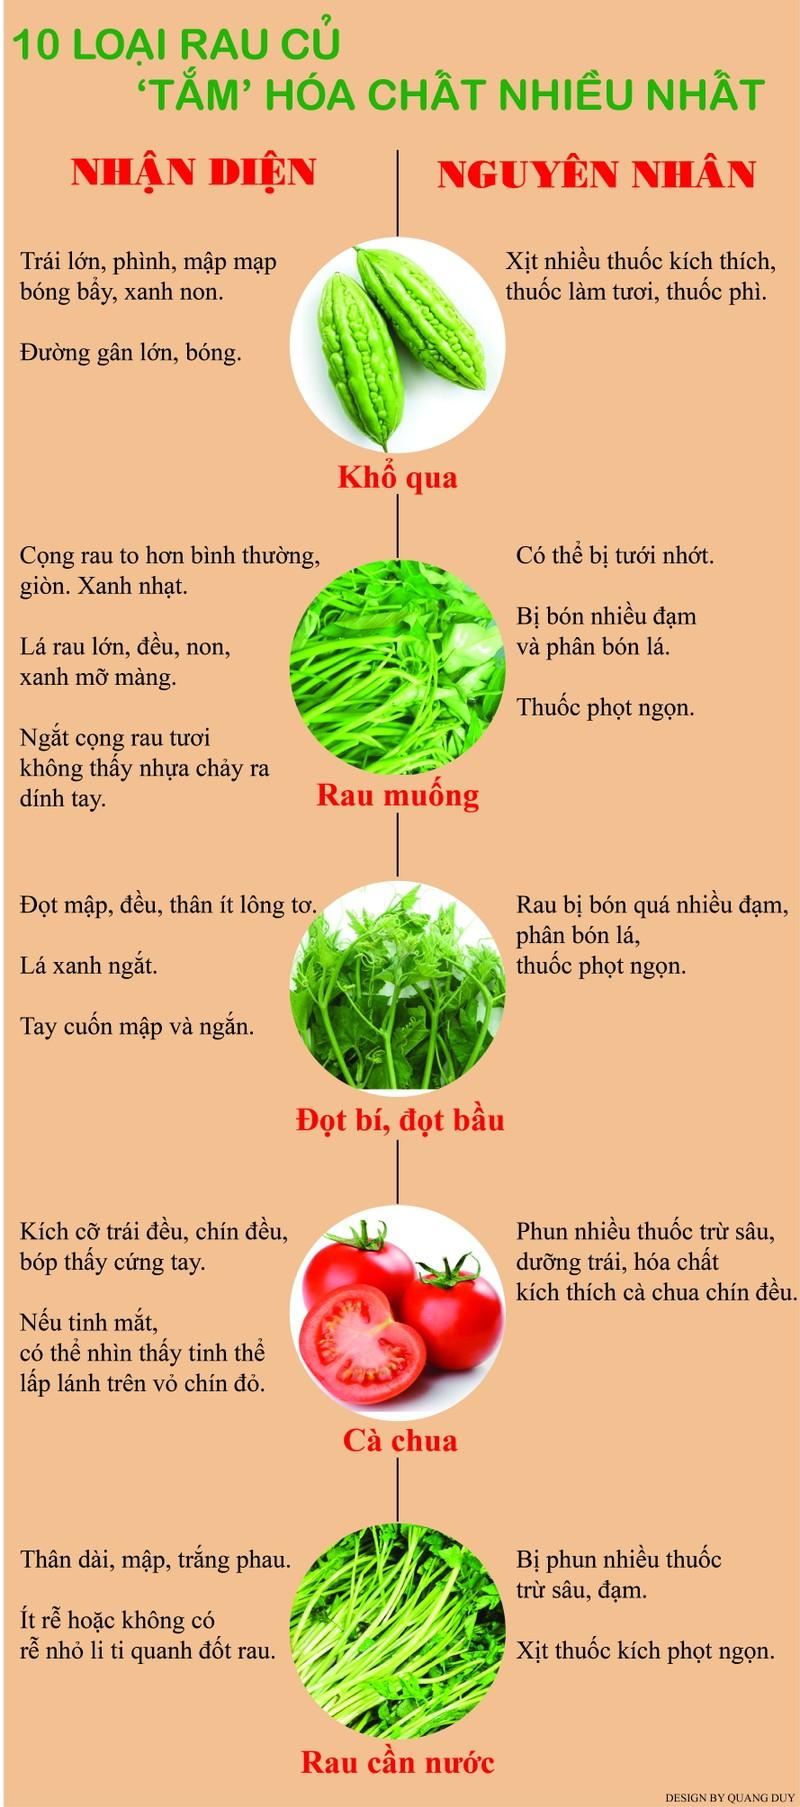 Infographic: 10 loại rau củ 'tắm' hóa chất nhiều nhất (phần 2) - ảnh 1